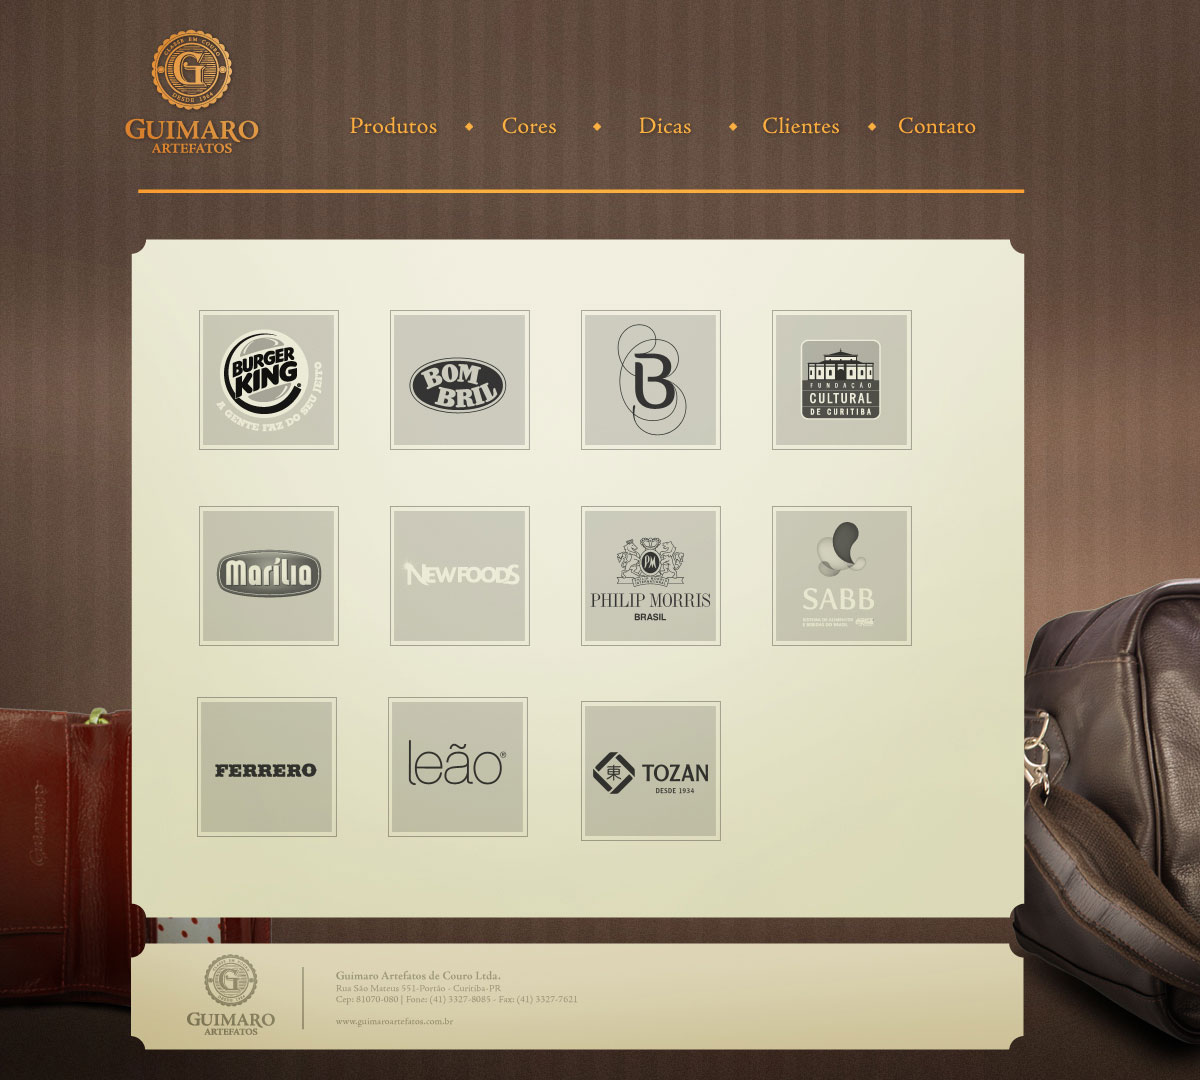 criacao-sites-curitiba-dabs-design-04